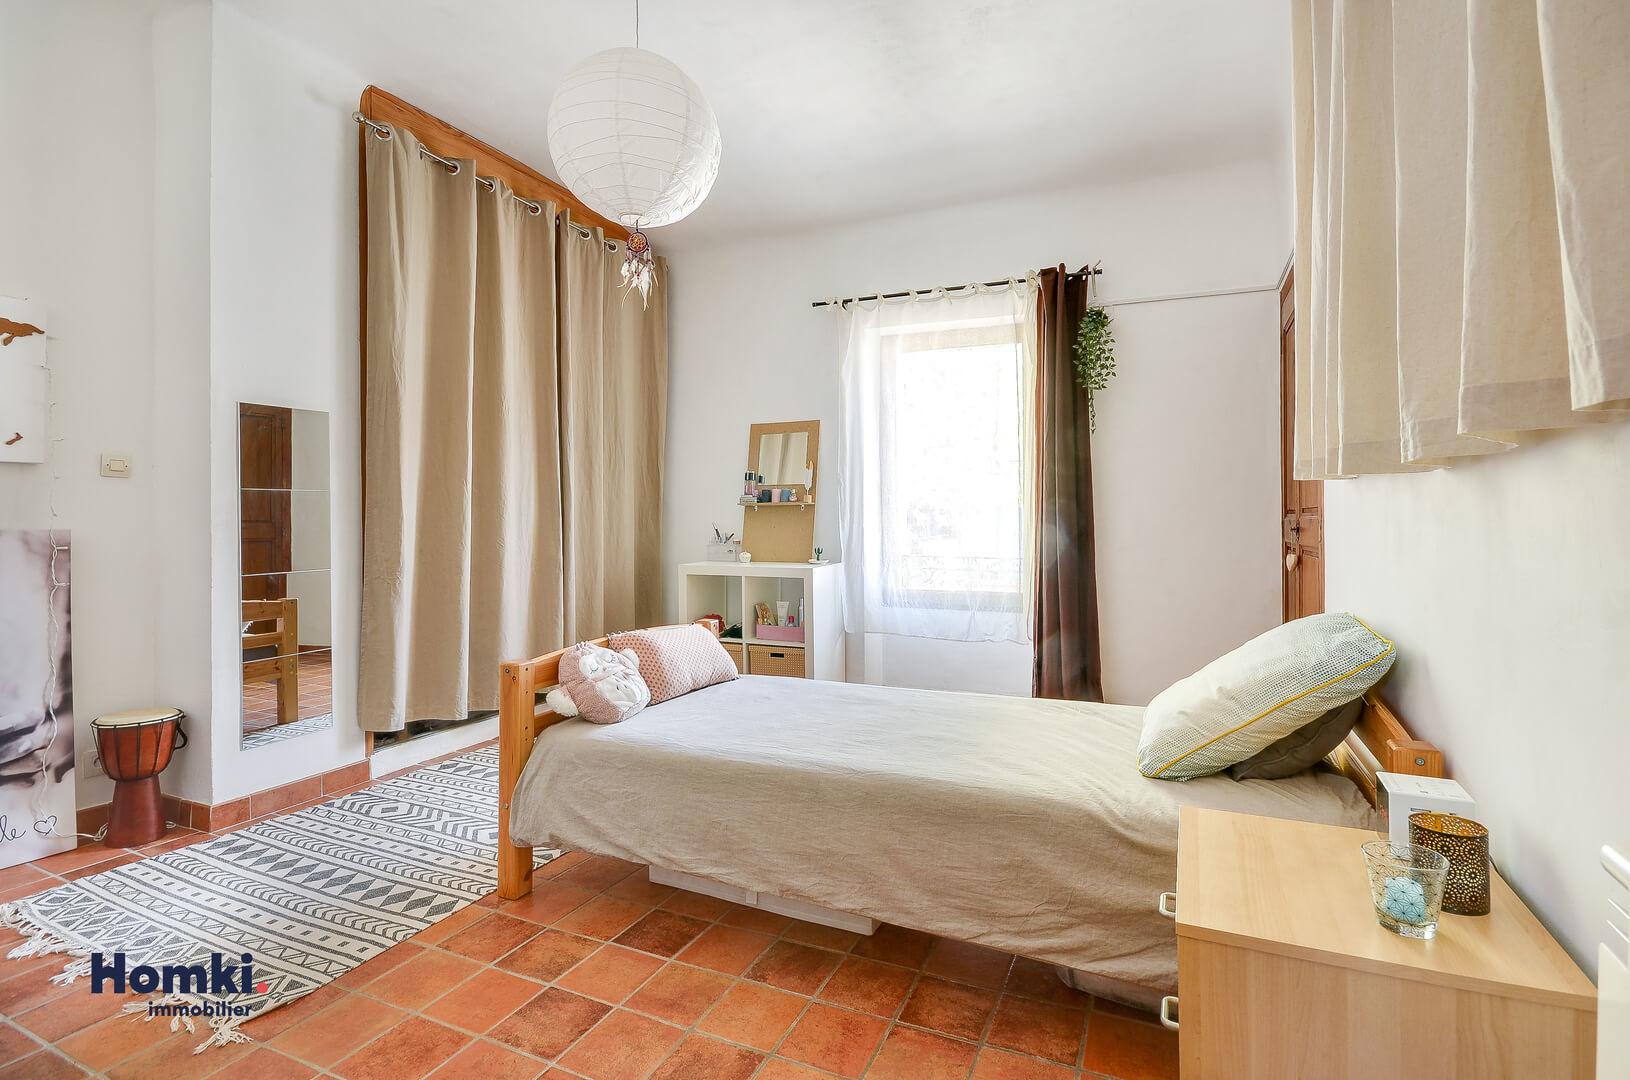 Vente Maison 70 m² T3 13290 Aix en Provence_6